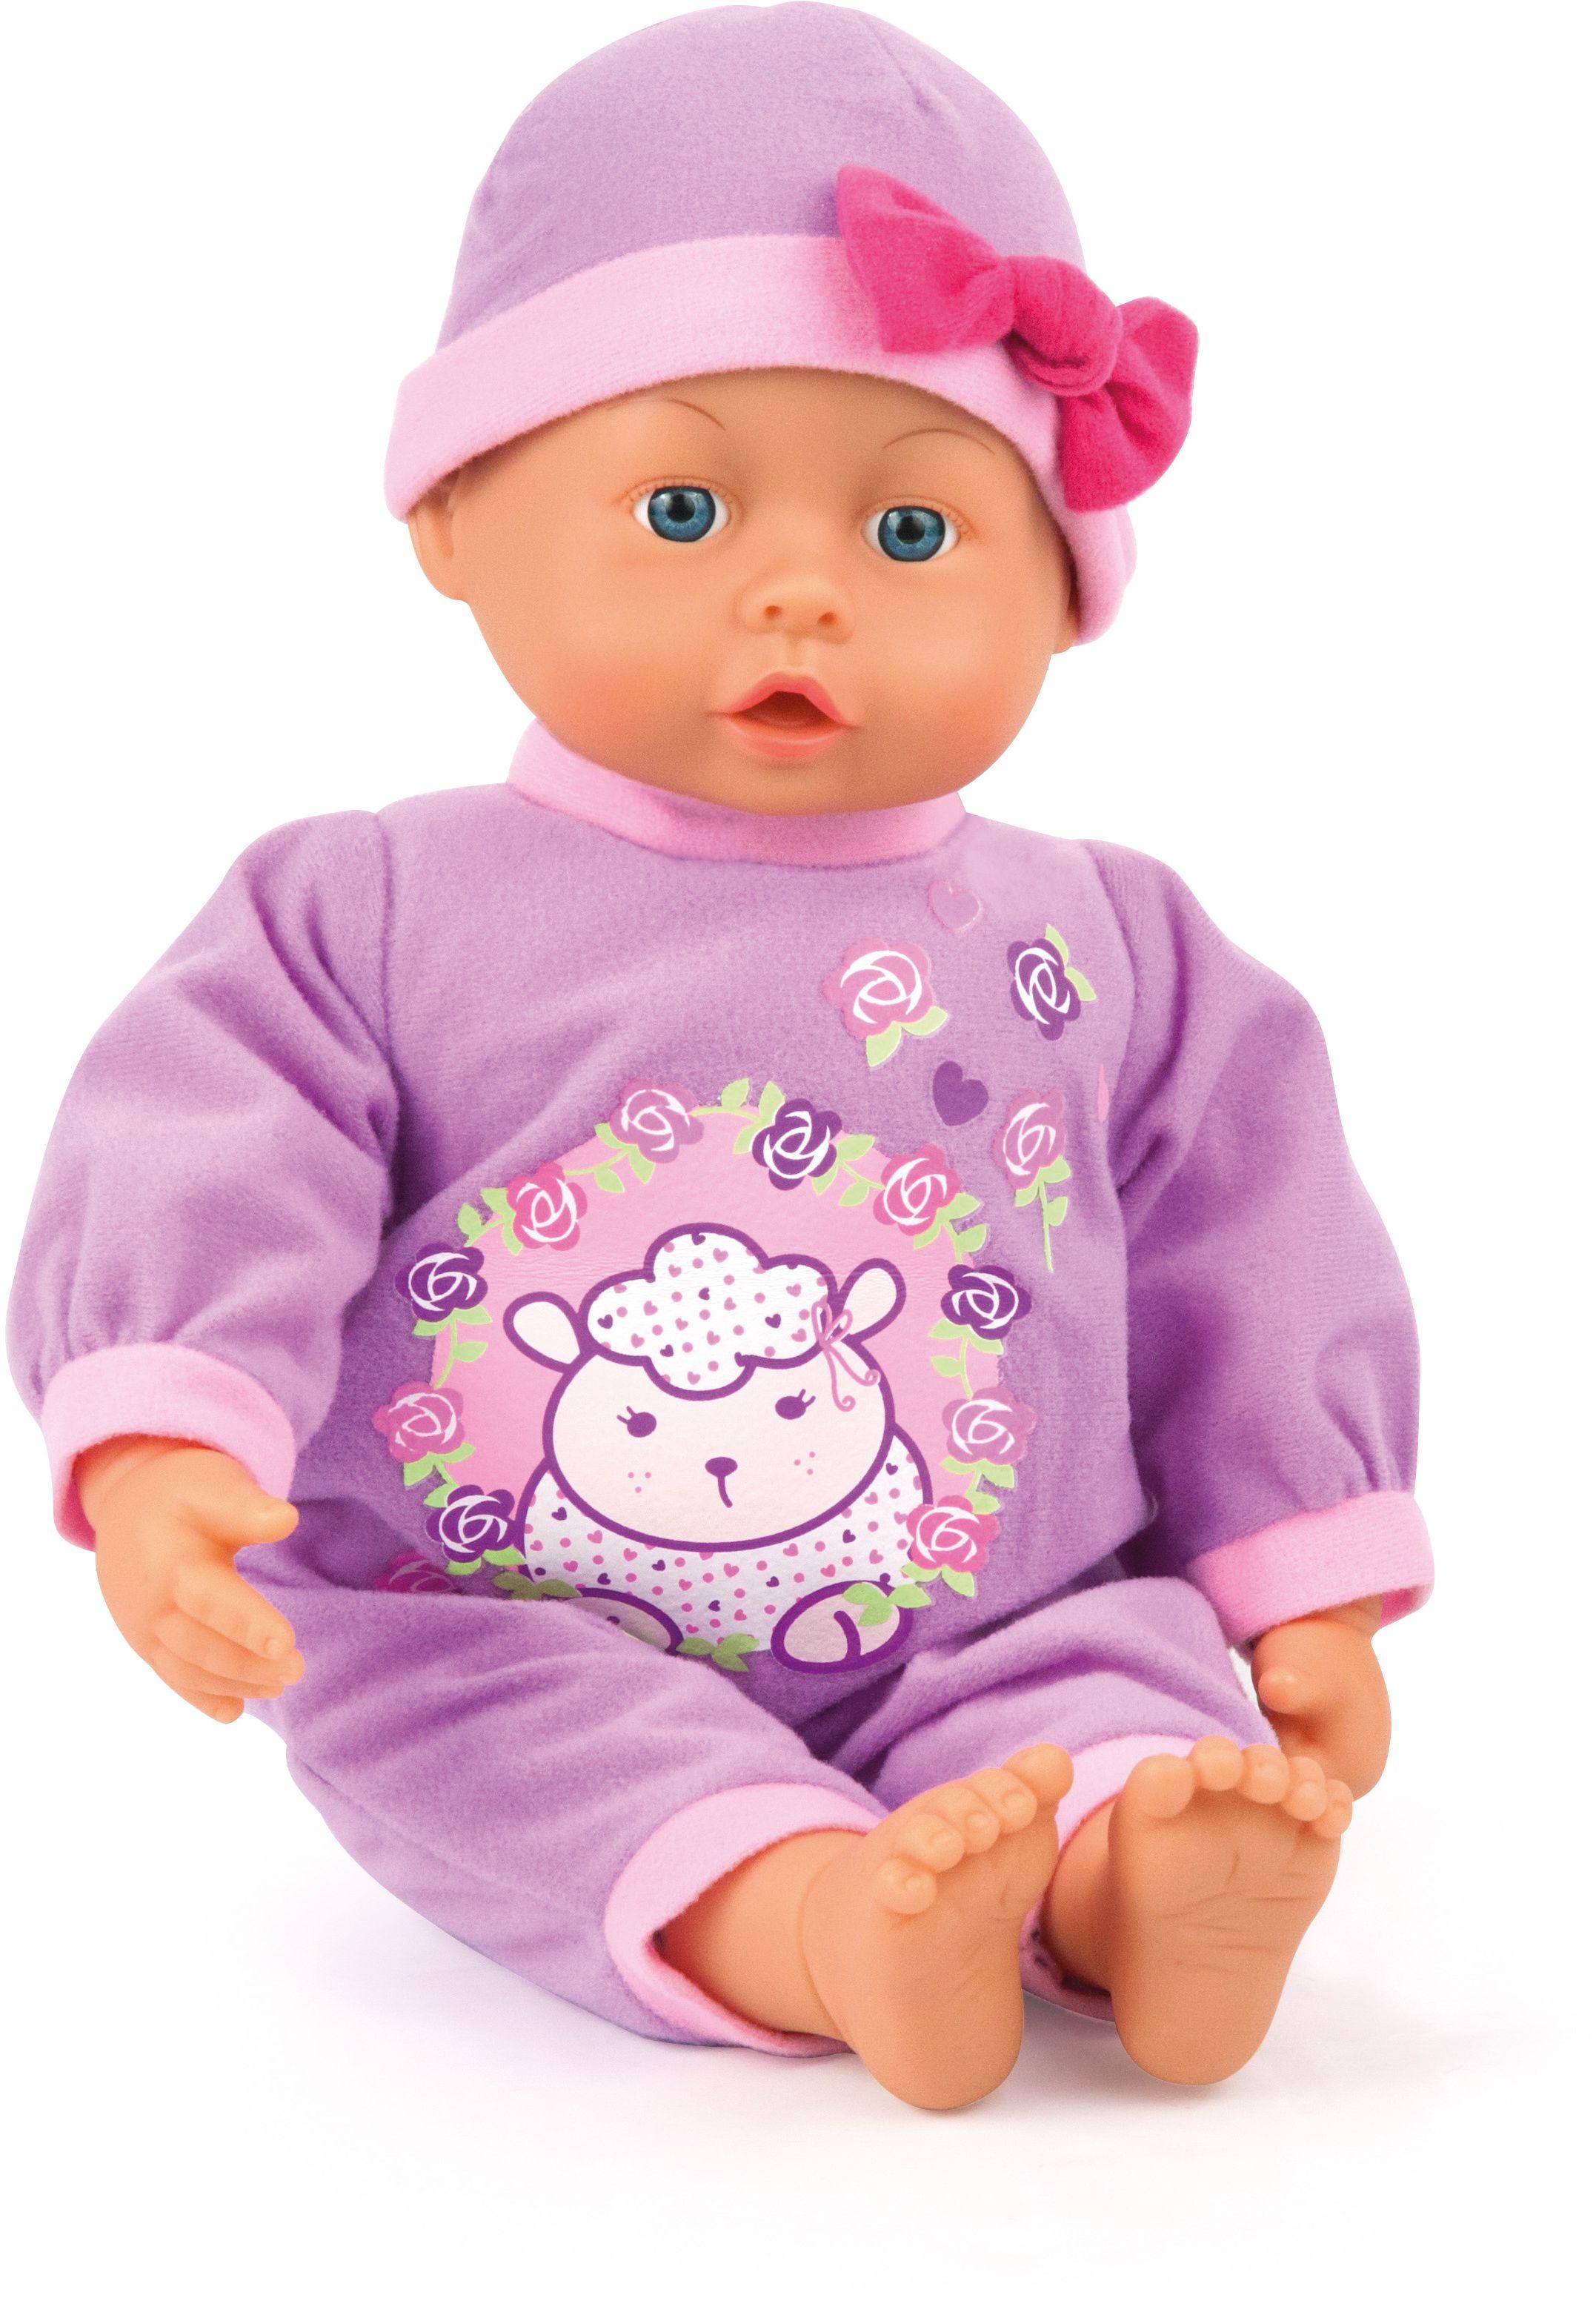 Bayer Design Пупс Малыш  мои первые слова 33 см 93363AC - Куклы и аксессуары